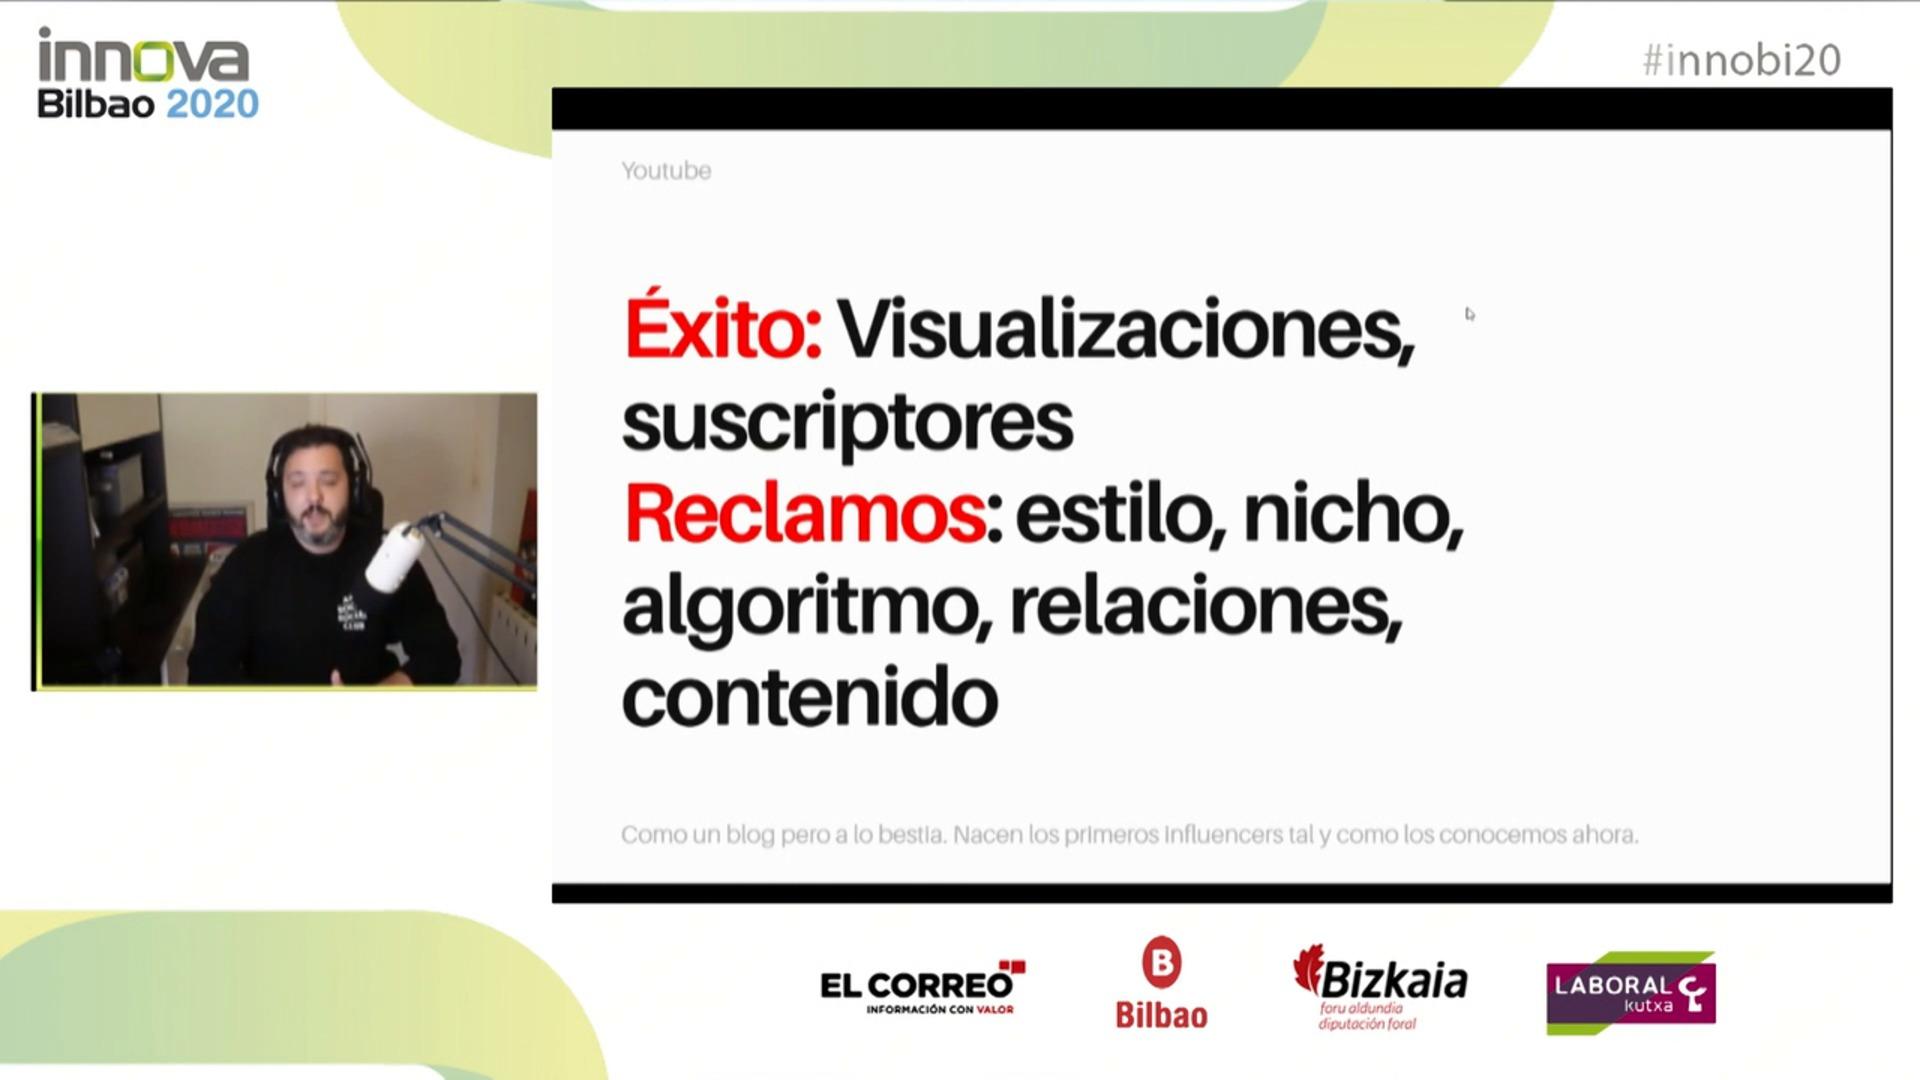 'De la influencia analógica a la digital' con Xavi Robles en Innova Bilbao 2020